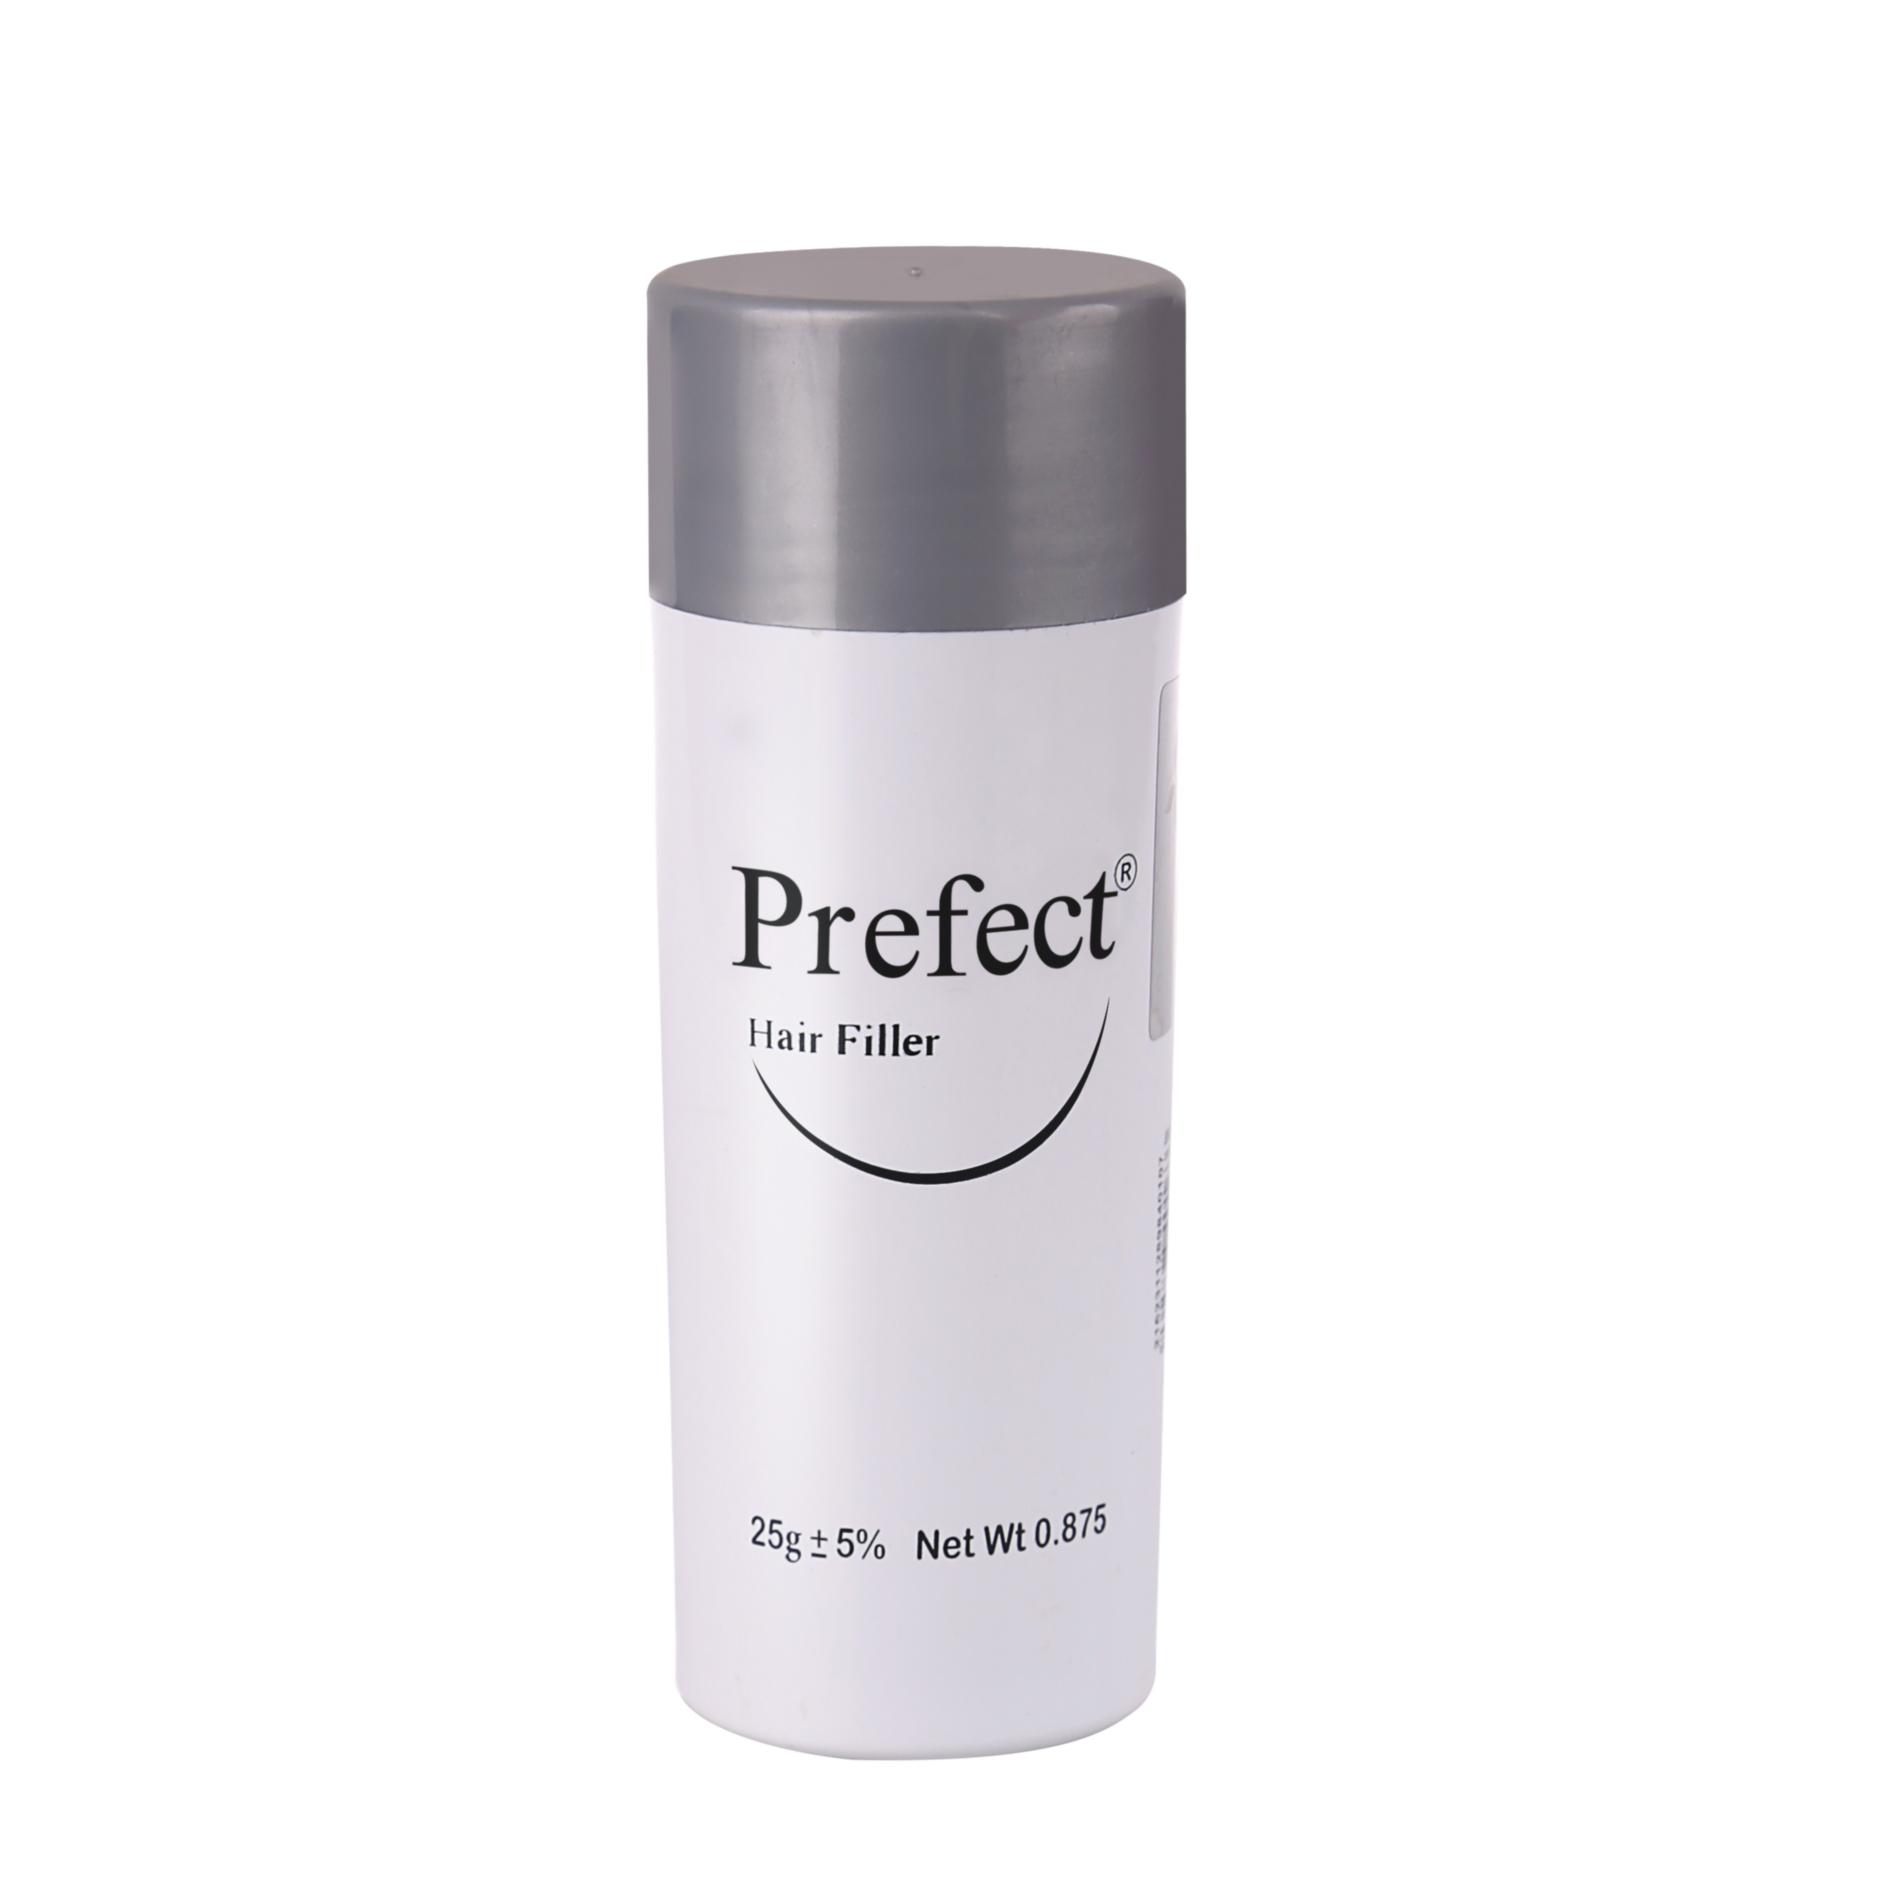 پودر پرپشت کننده مو پرفکت کد 06 مقدار 25 گرم رنگ قهوه ای روشن